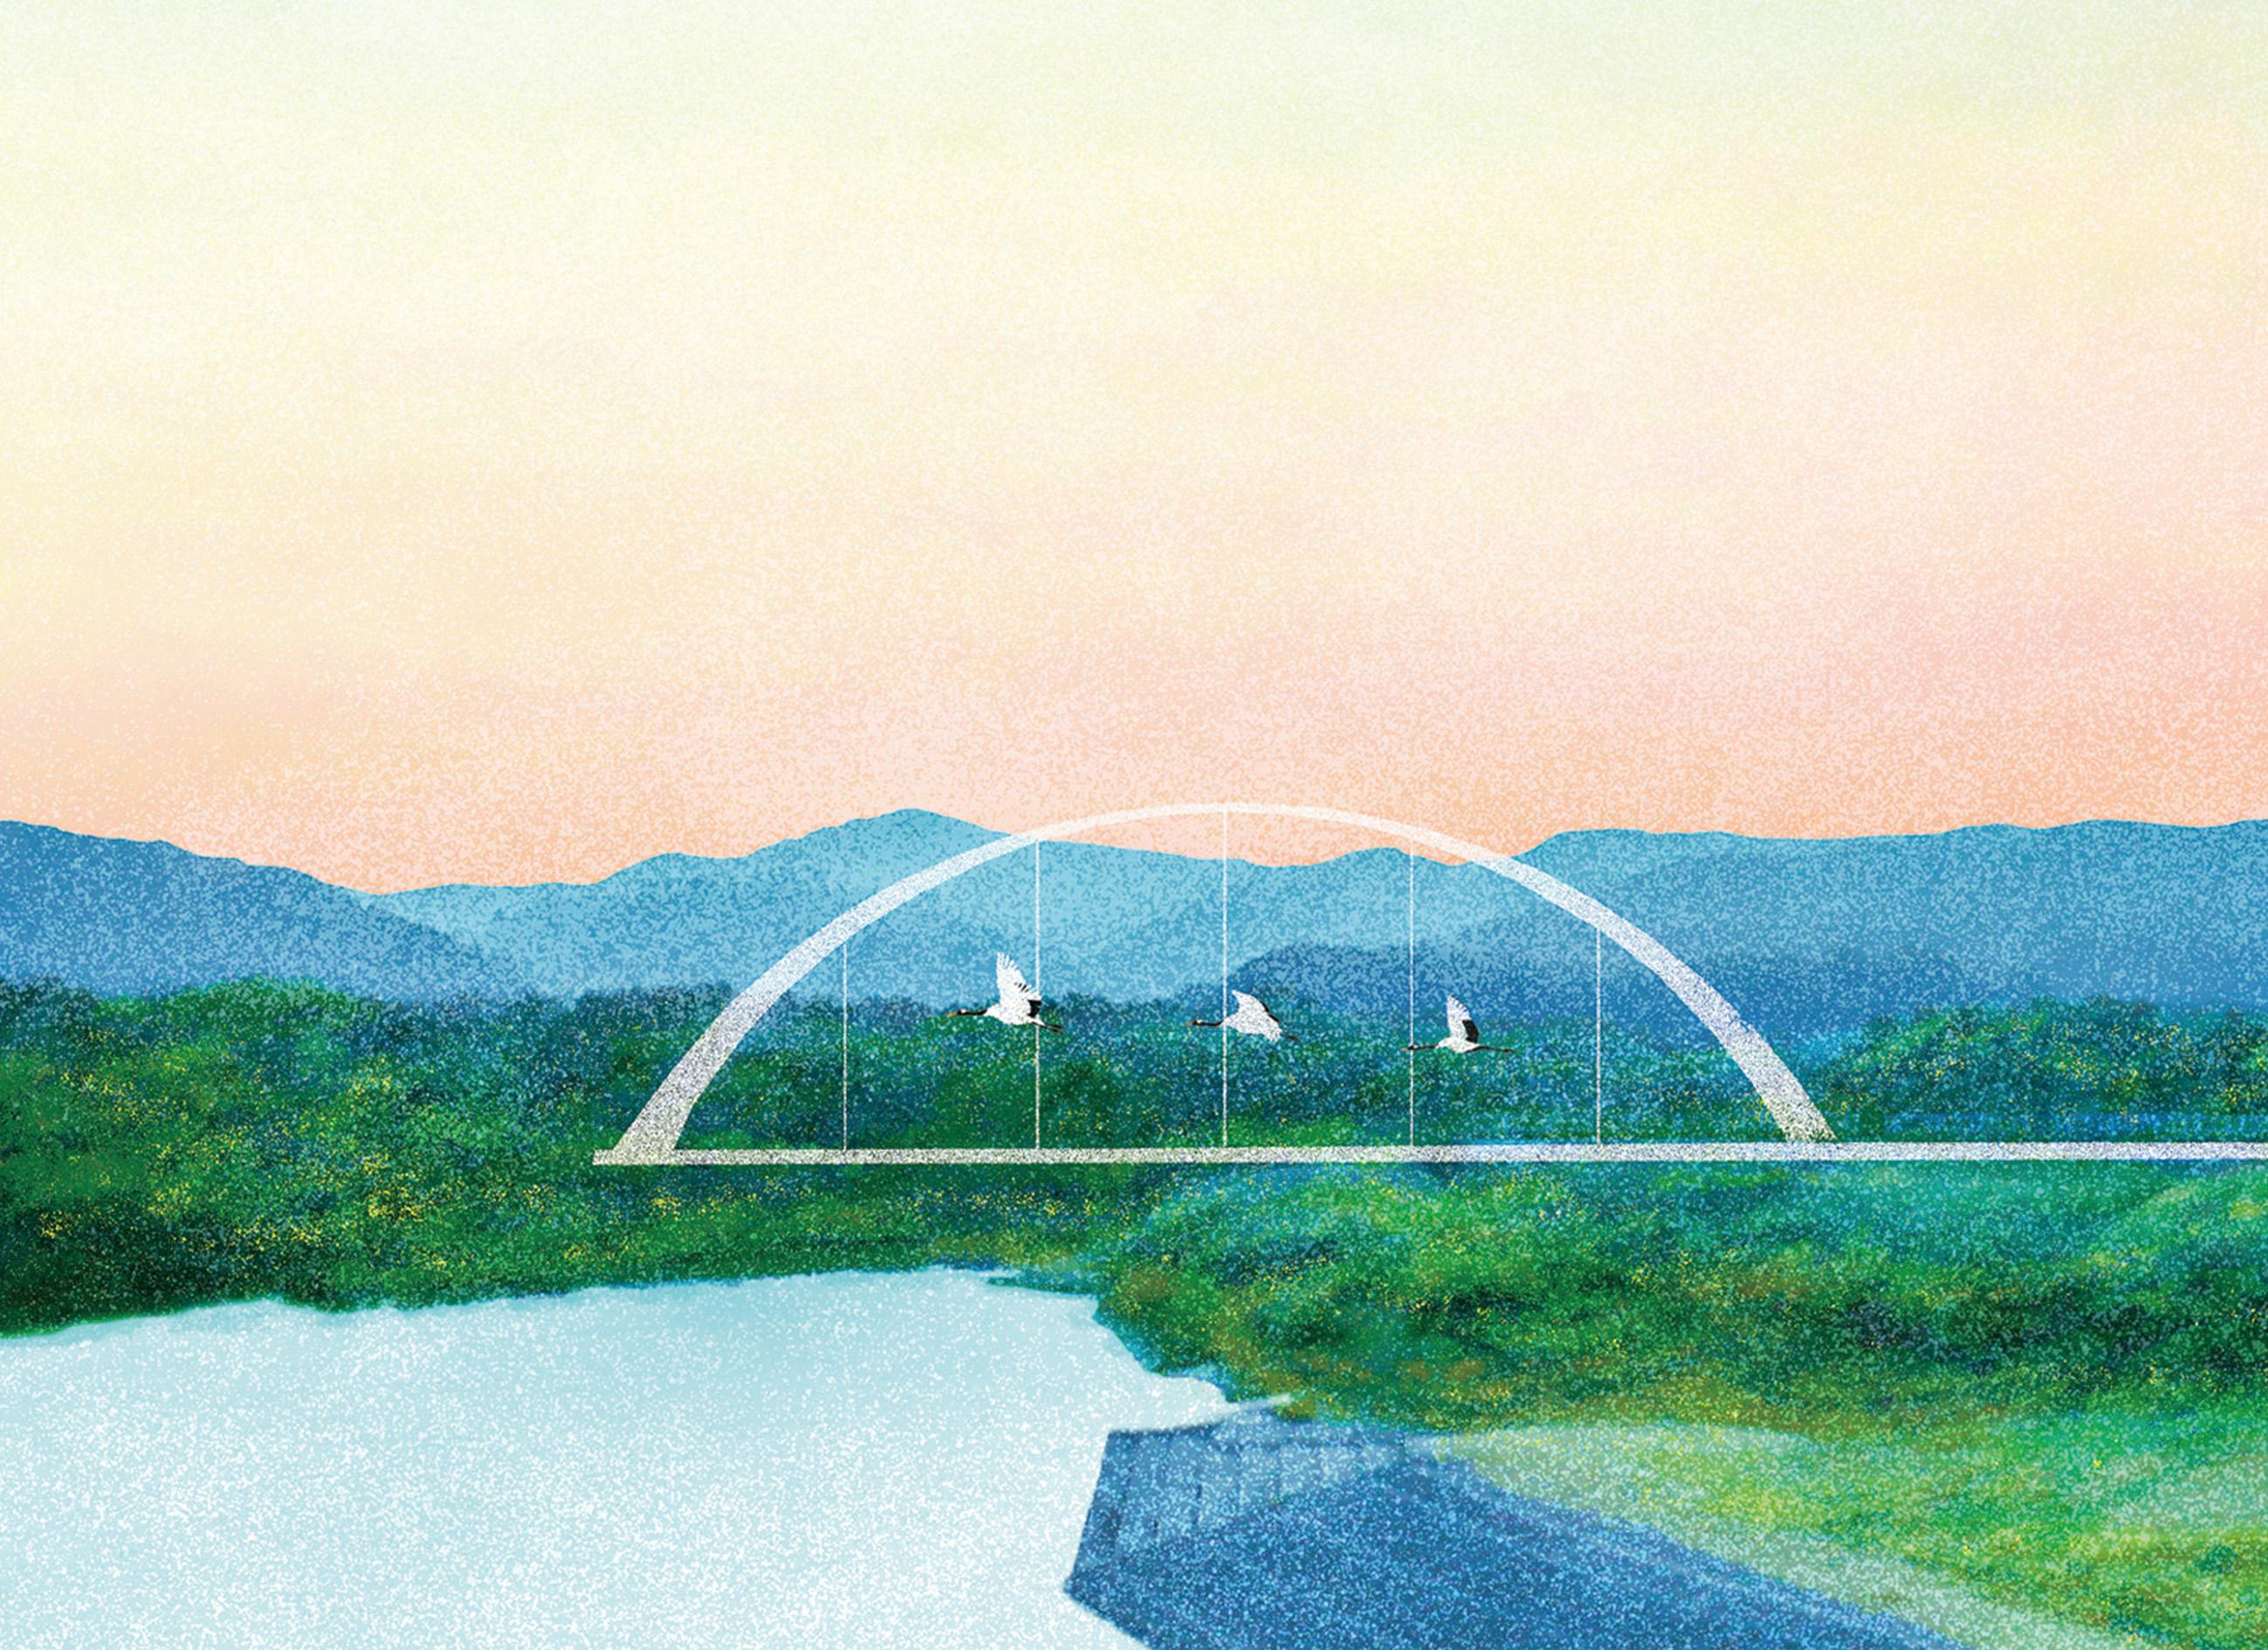 【本日の21時より発売開始】釧路の阿寒町の景色を描いた商品たち